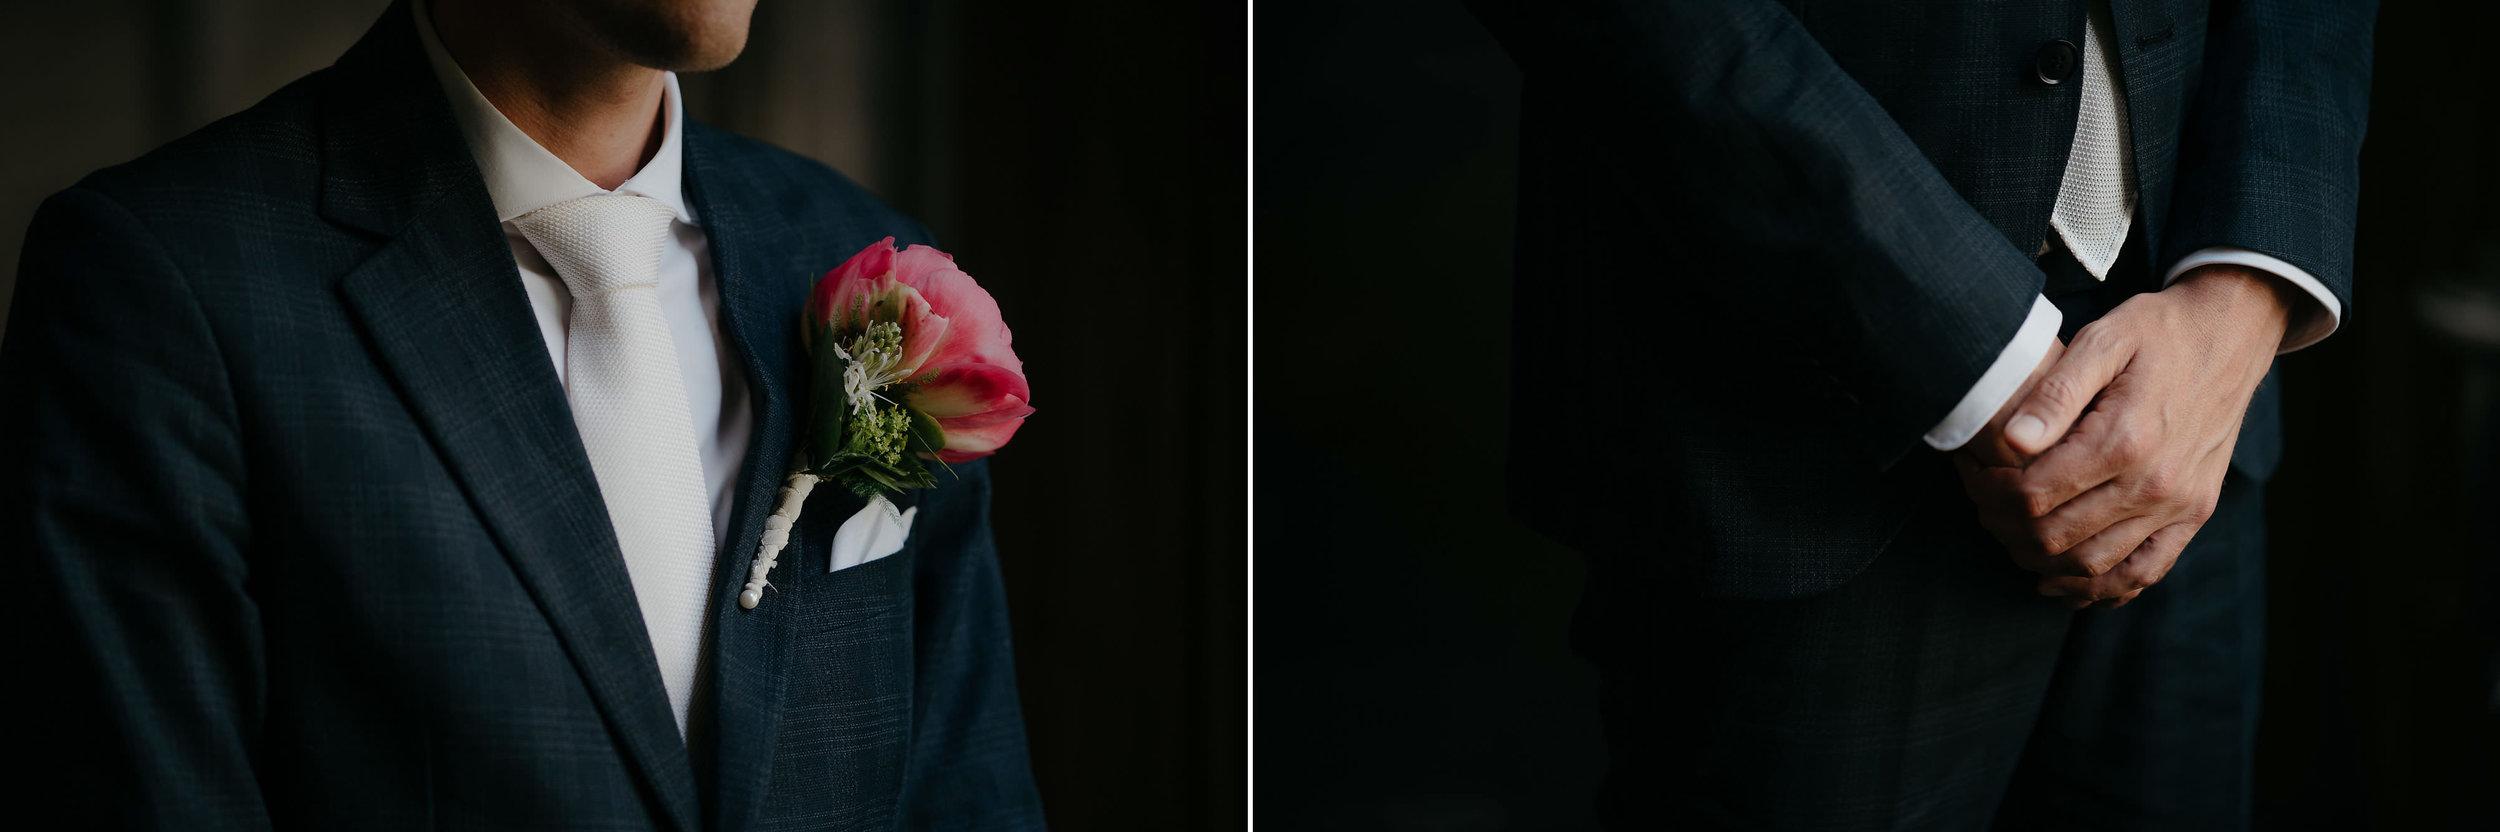 bruidsfotografie-trouwfotograaf-amsterdam-utrecht-mark-hadden-Koen-Laura-139 copy.jpg